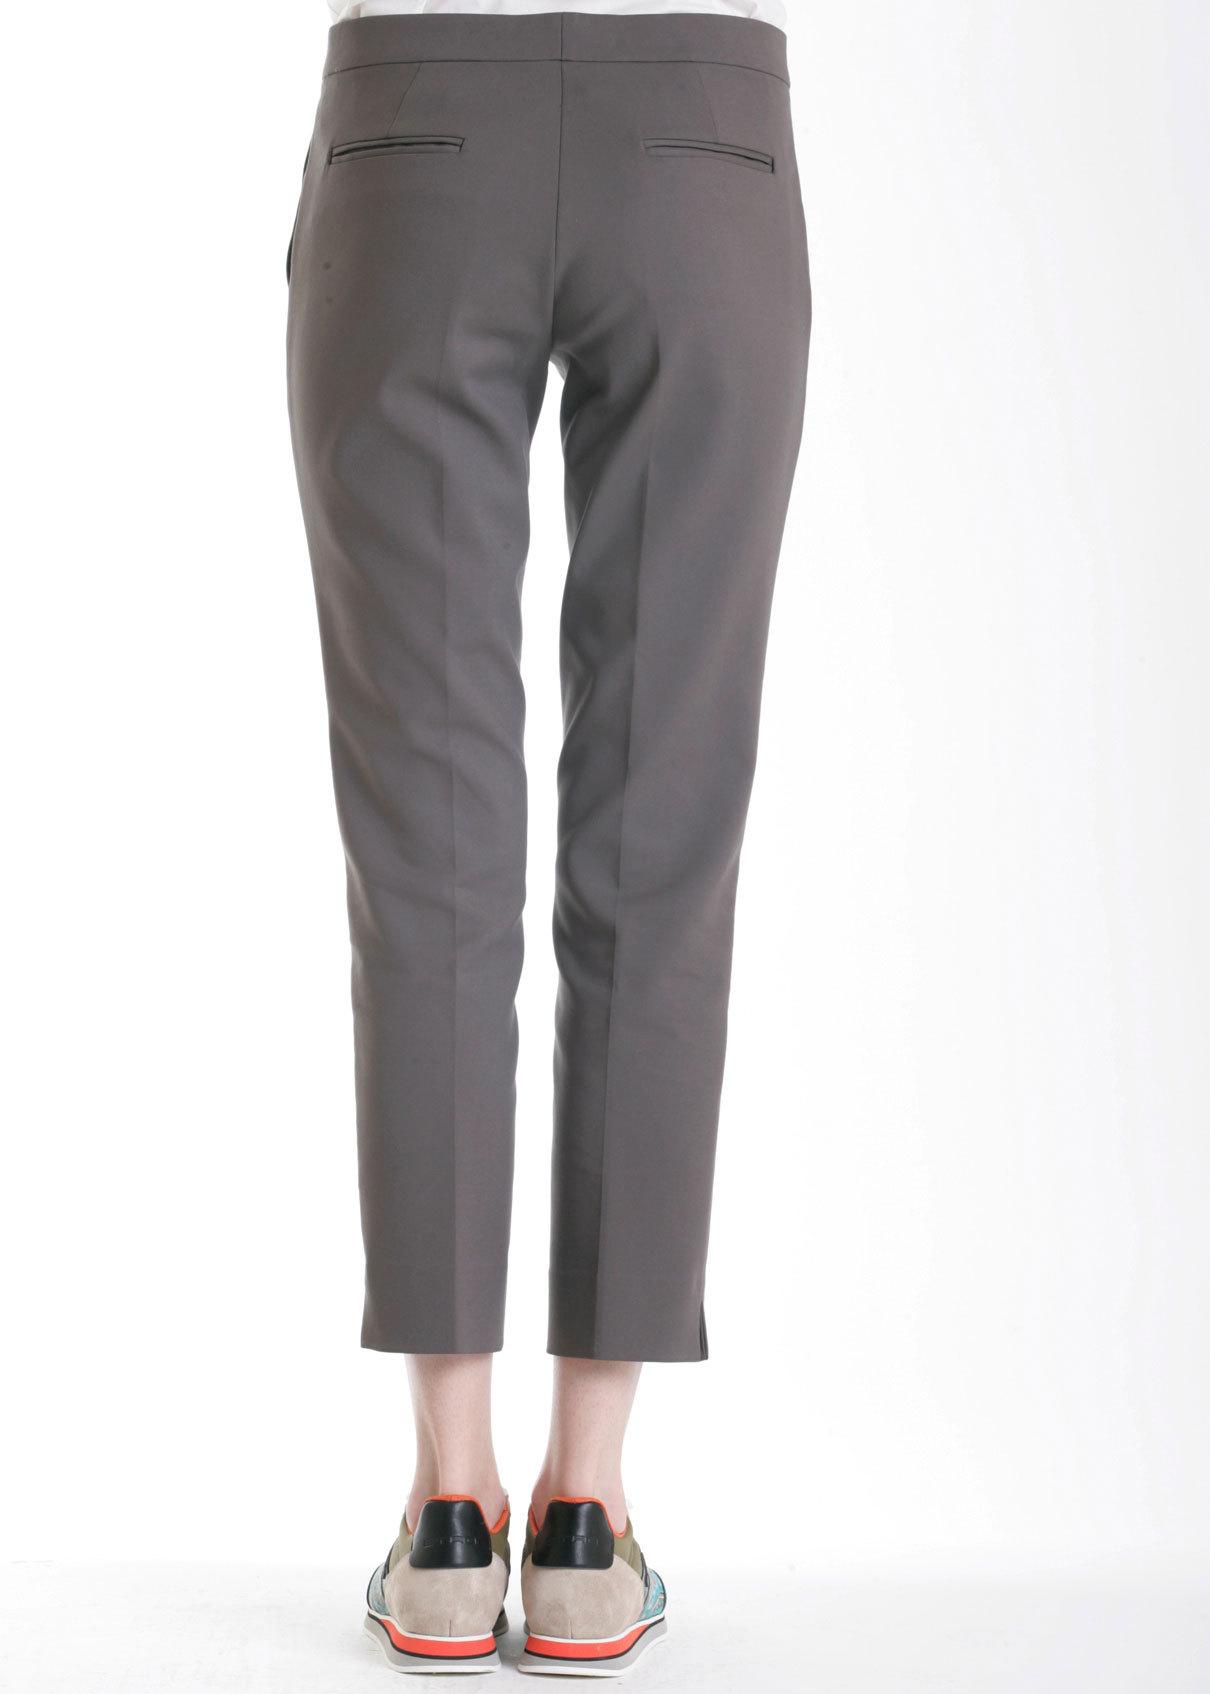 Женские брюки лето с доставкой